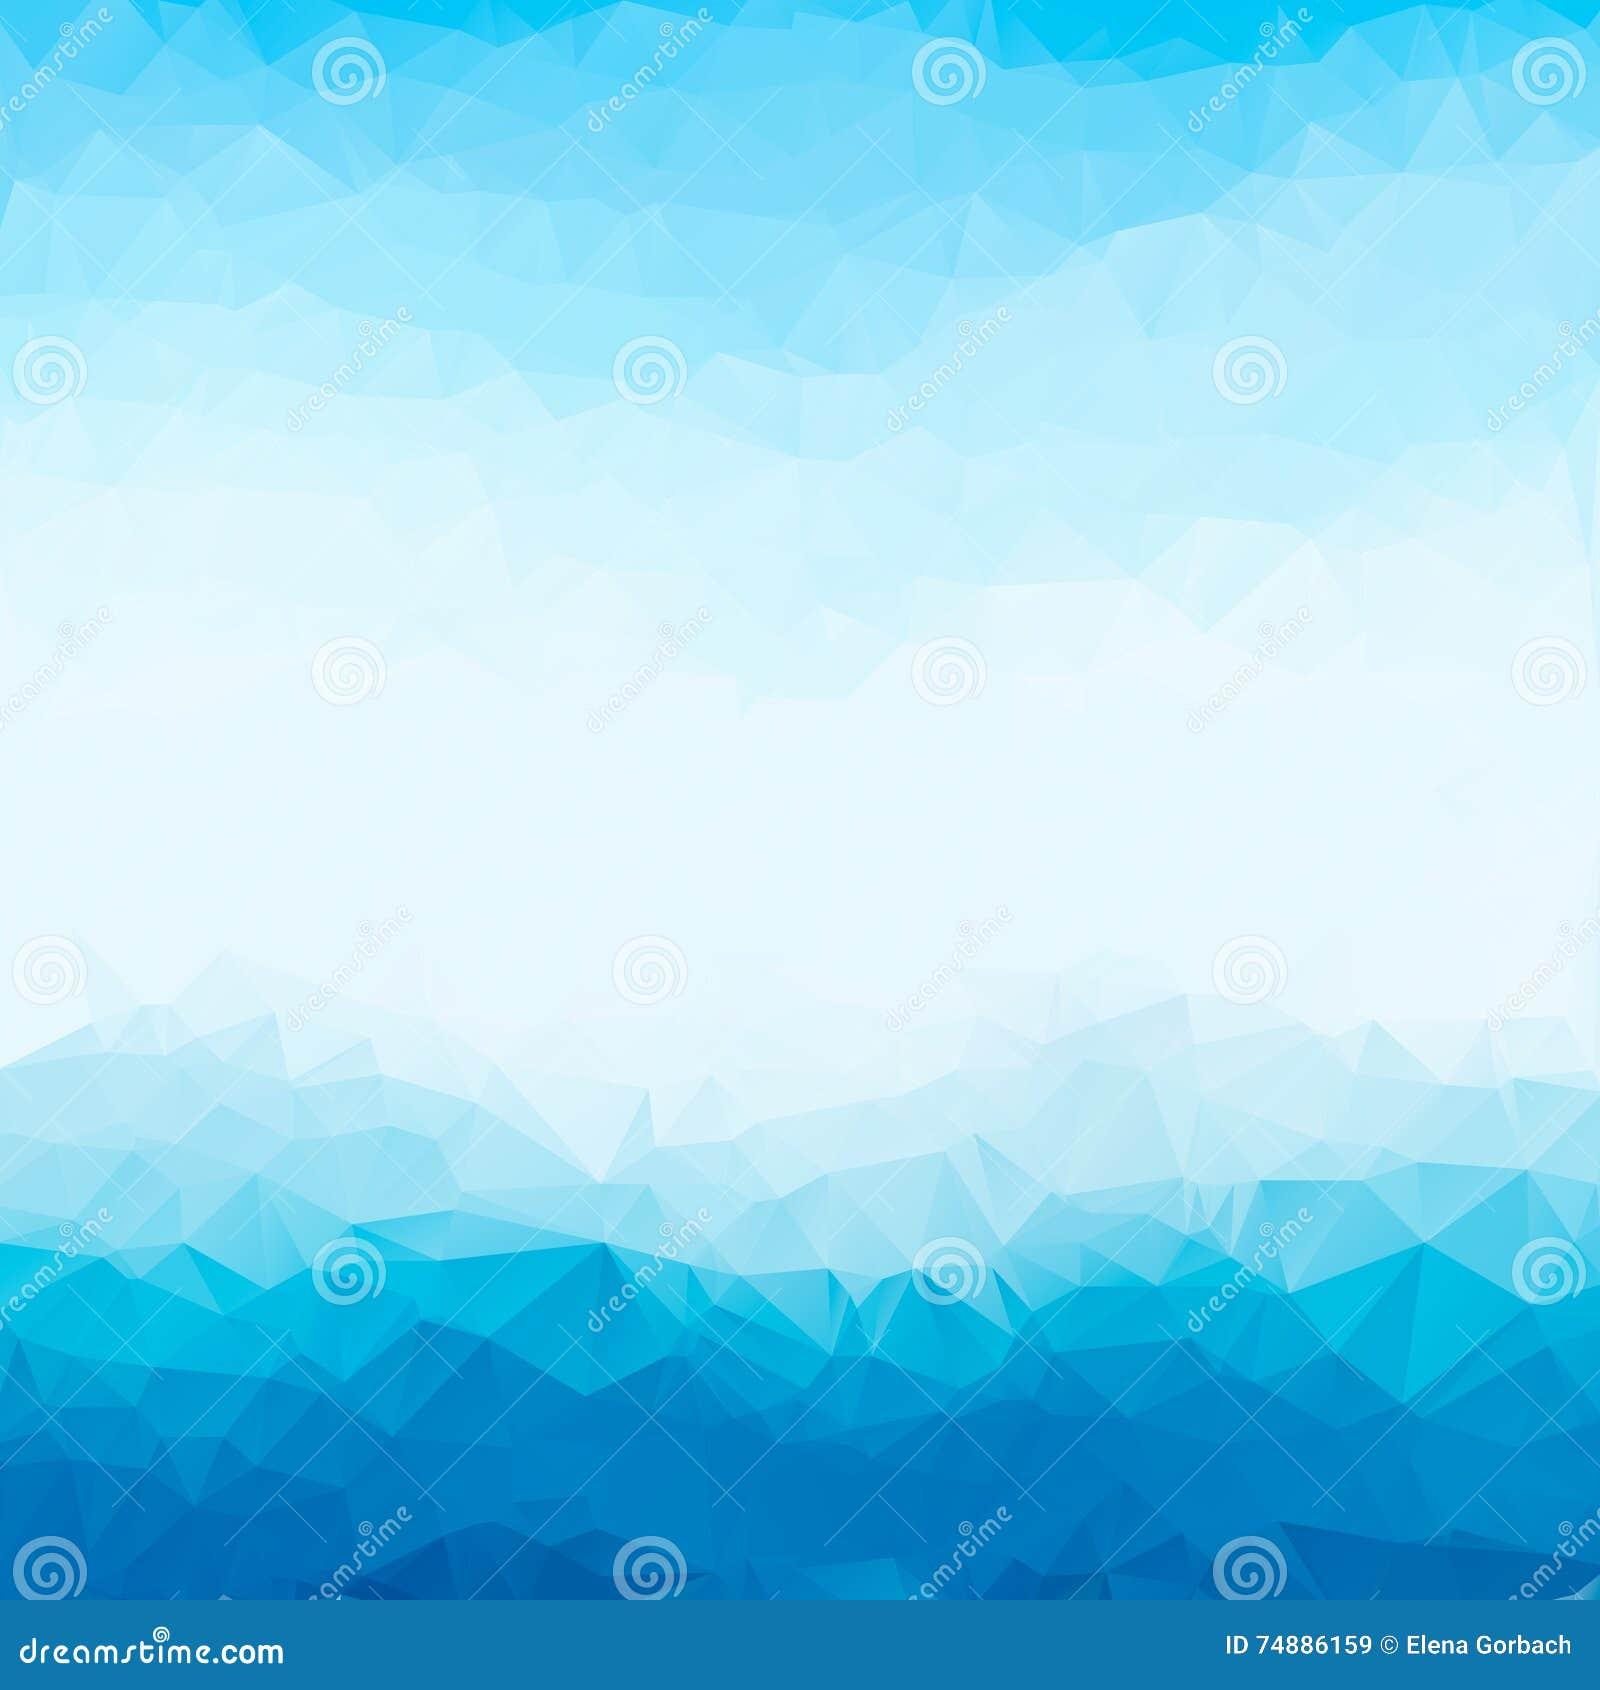 Lichtblauw helder van de driehoeksveelhoek kader als achtergrond